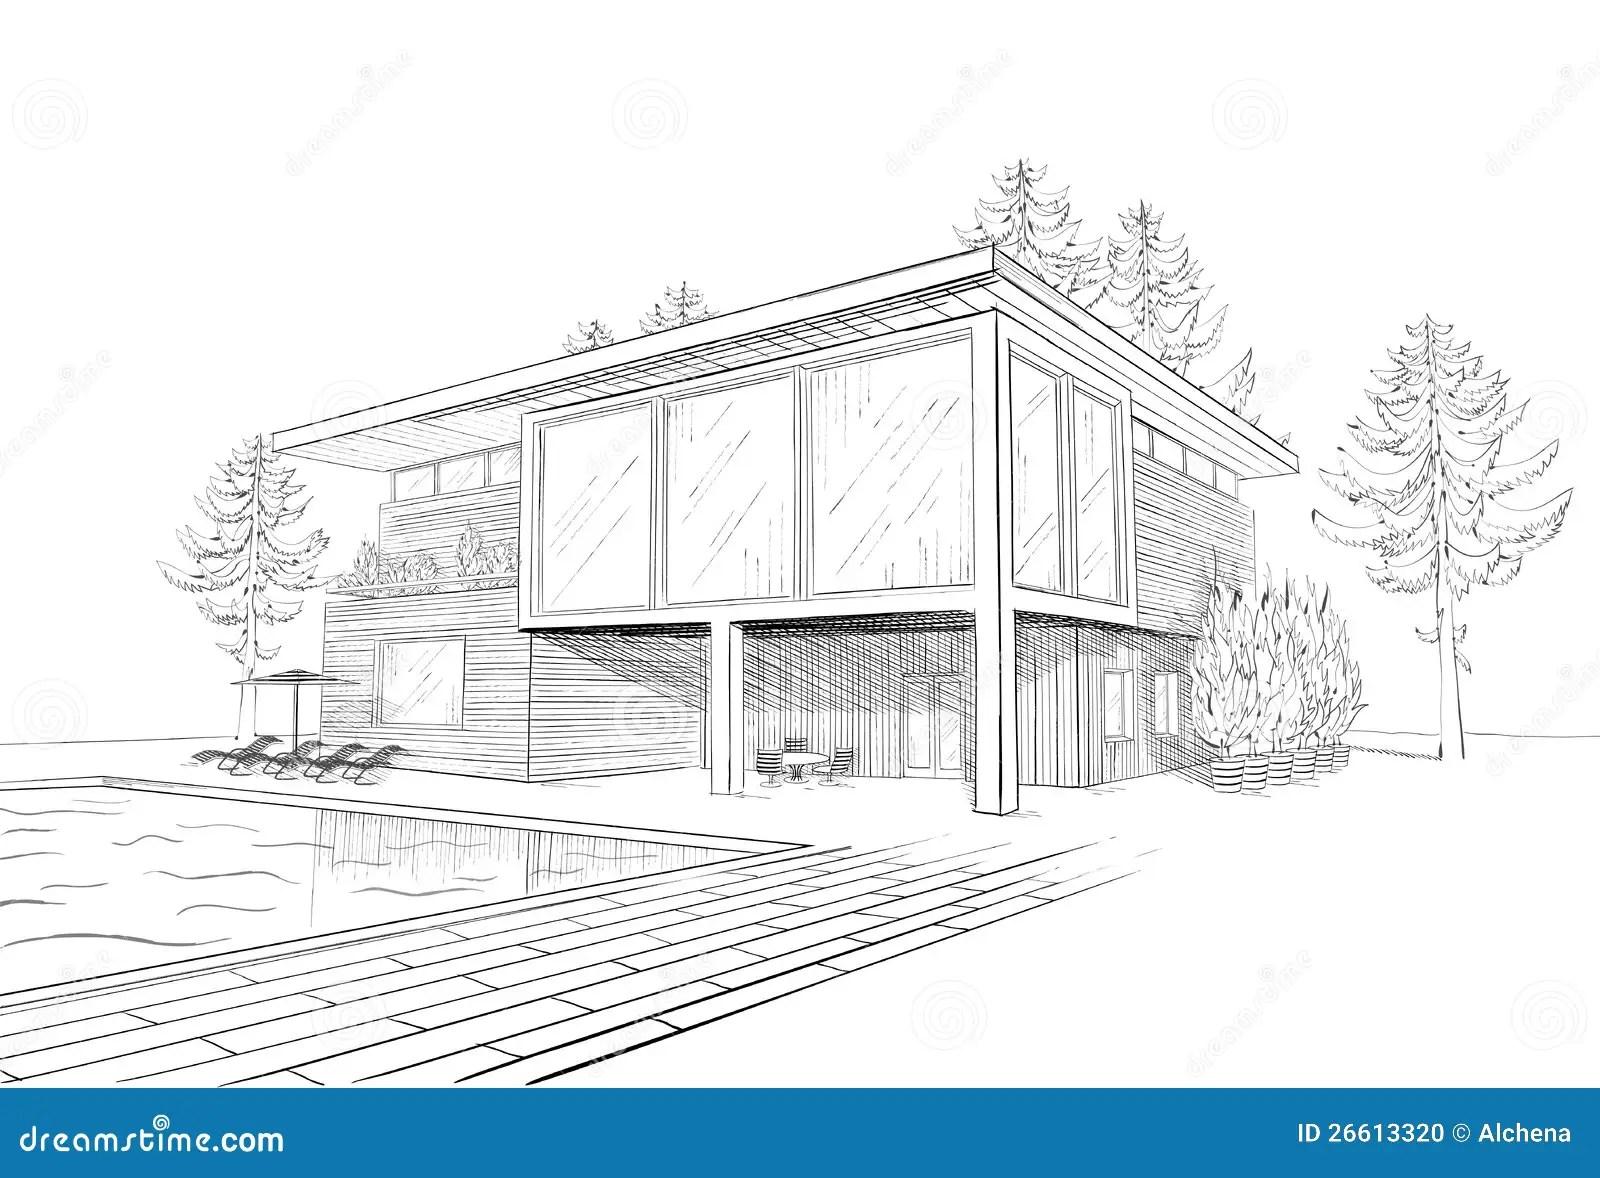 Comment Dessiner Une Maison De Luxe Burnsocial